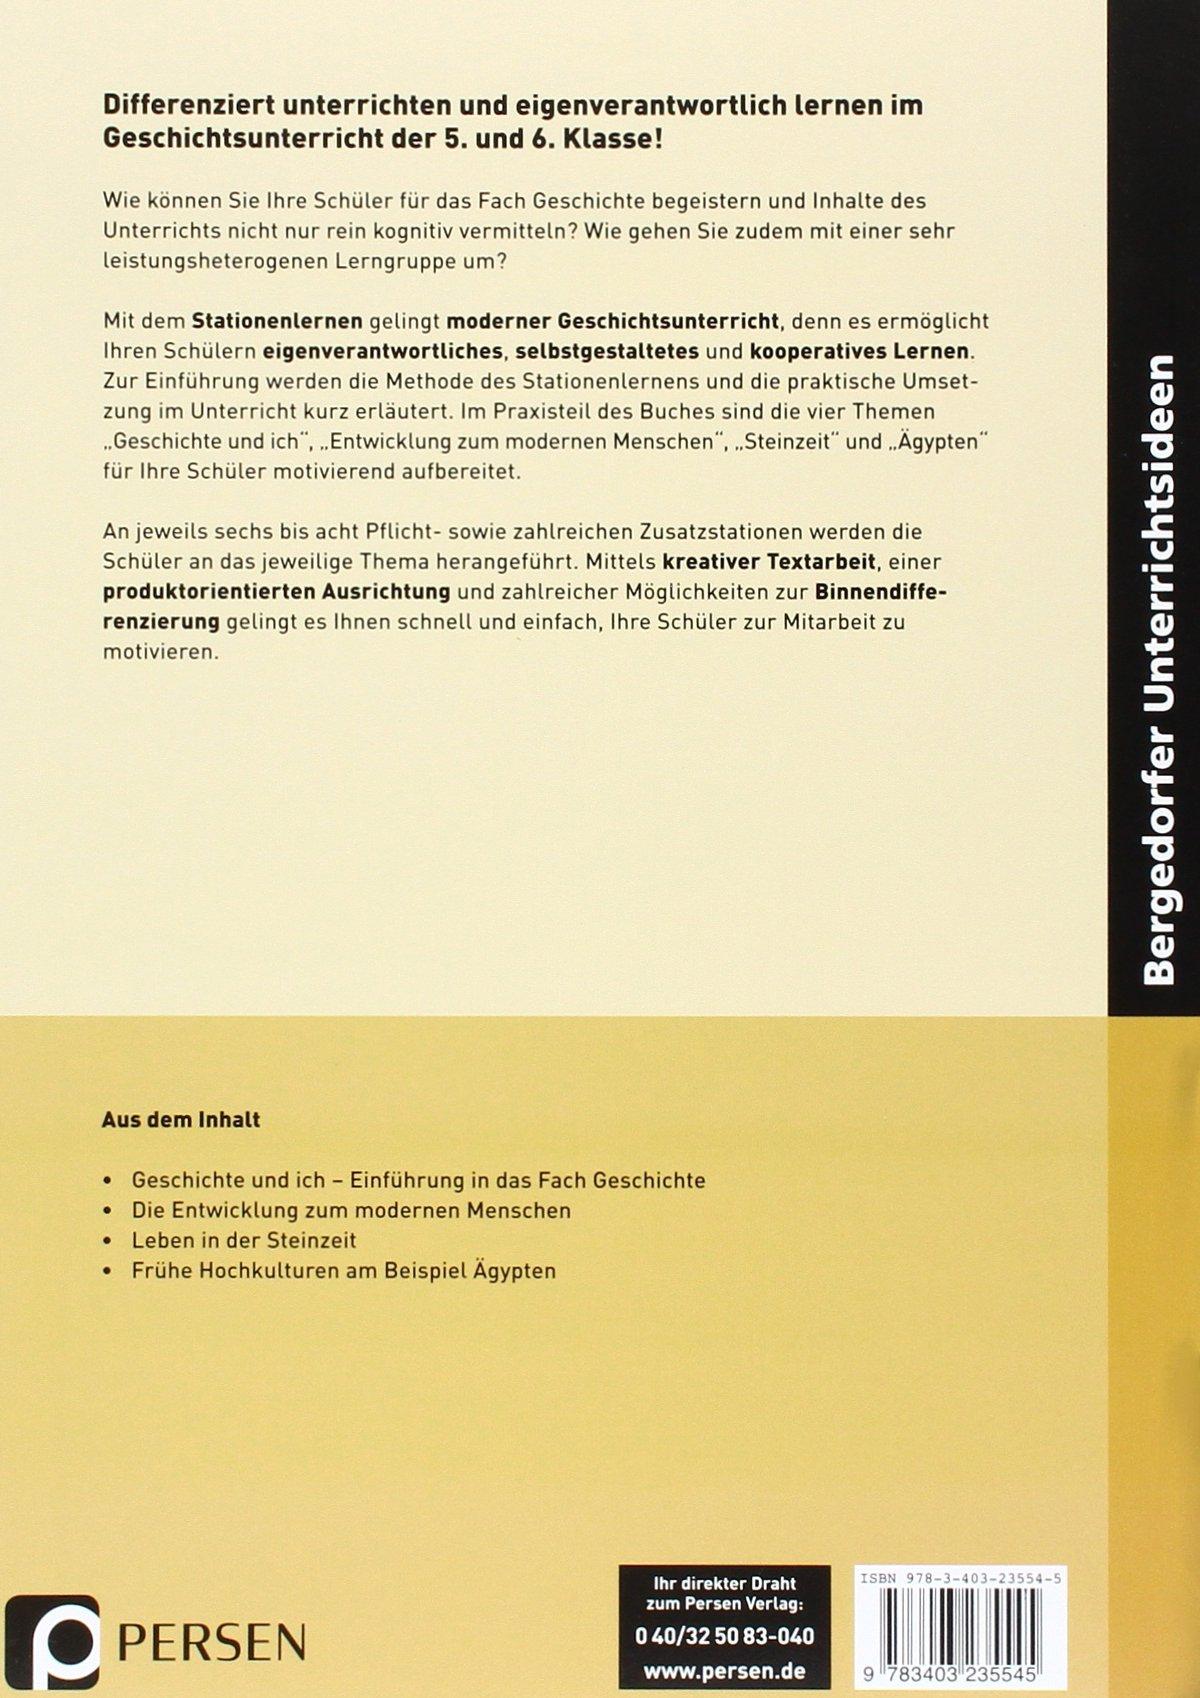 Stationenlernen Geschichte 5./6. Klasse - Band 1: Geschichte und ich ...